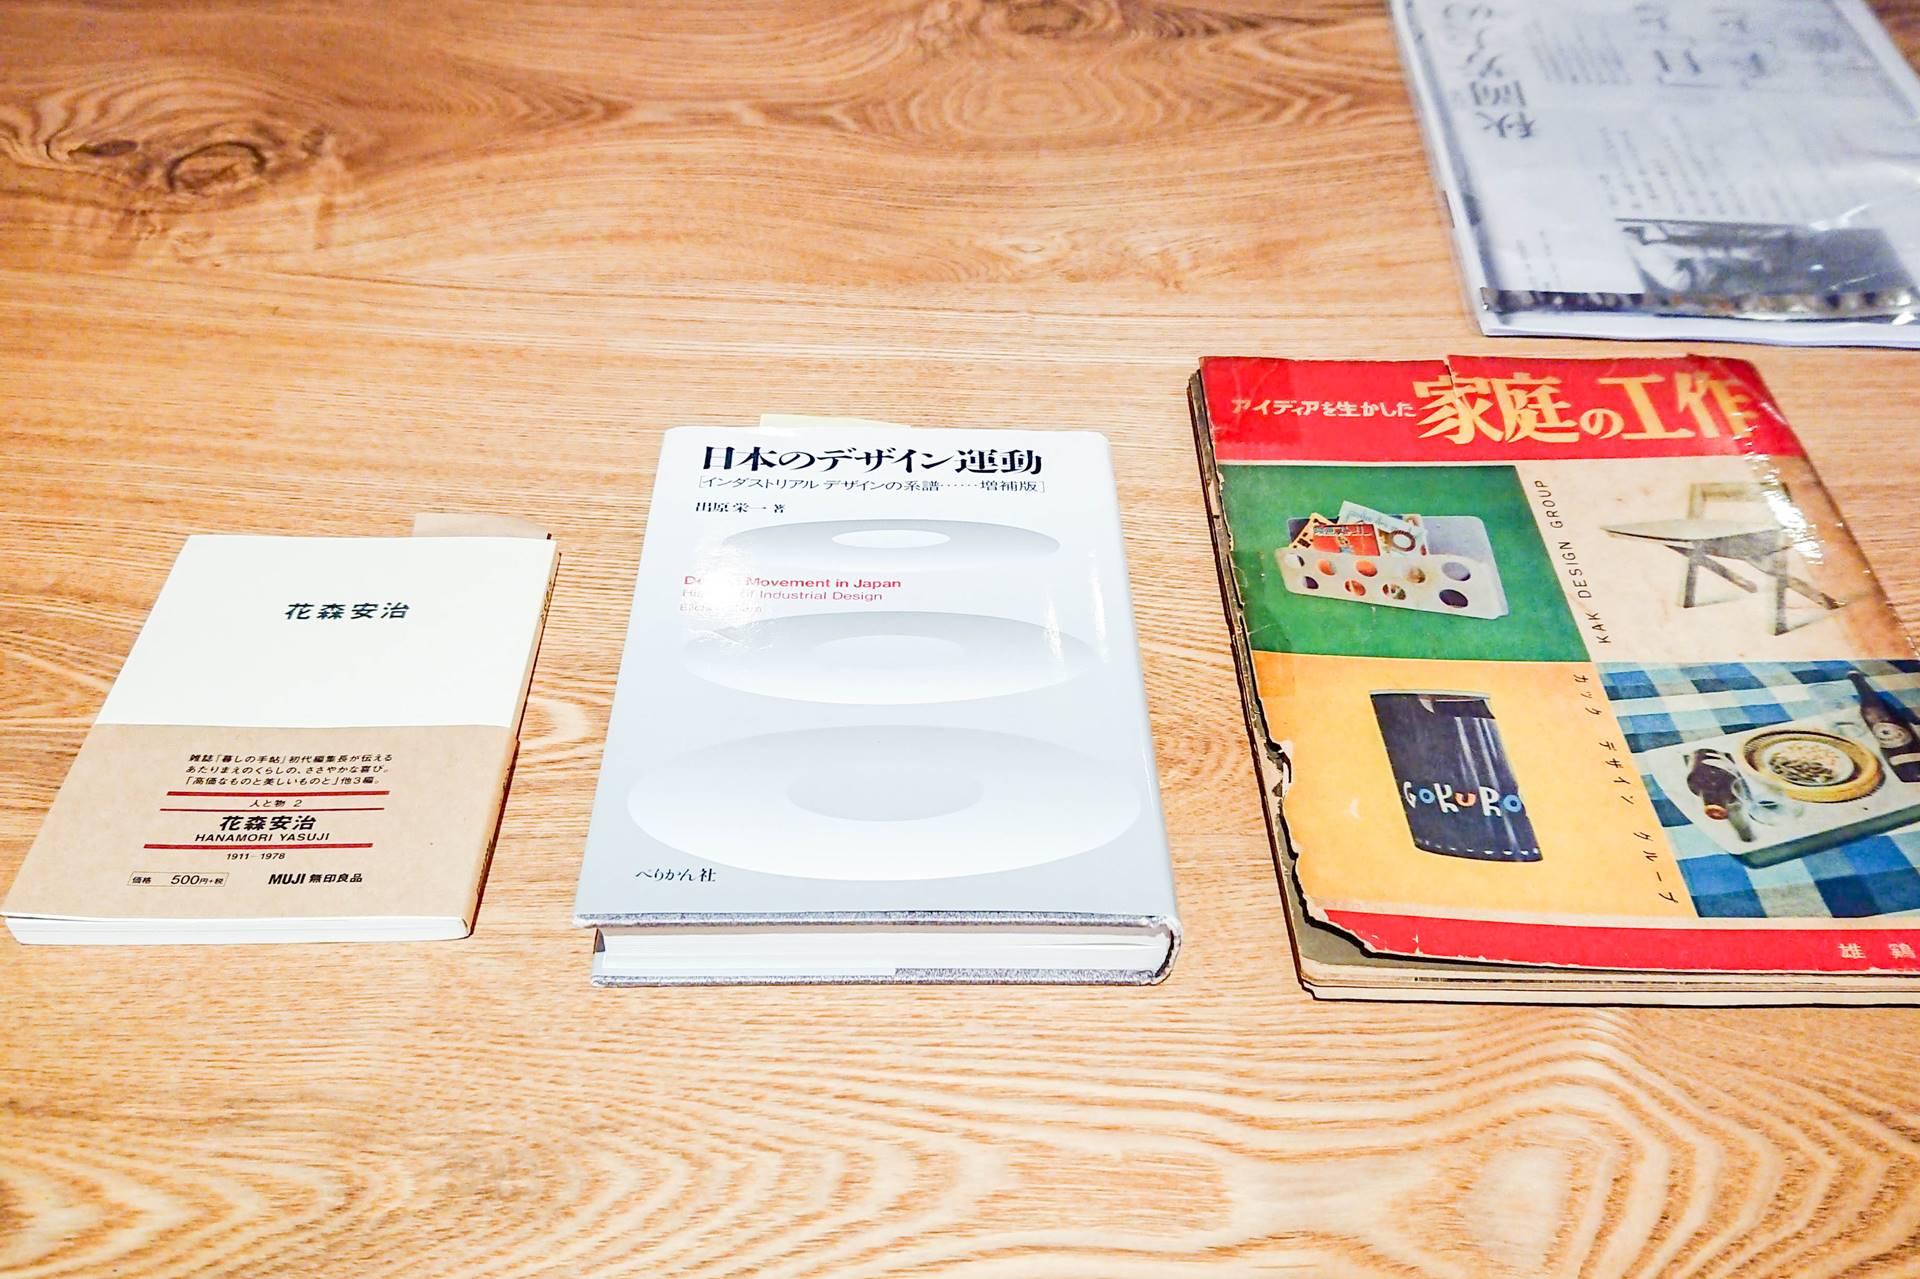 秋岡芳夫 KAK 家庭の工作 杉でつくる家具